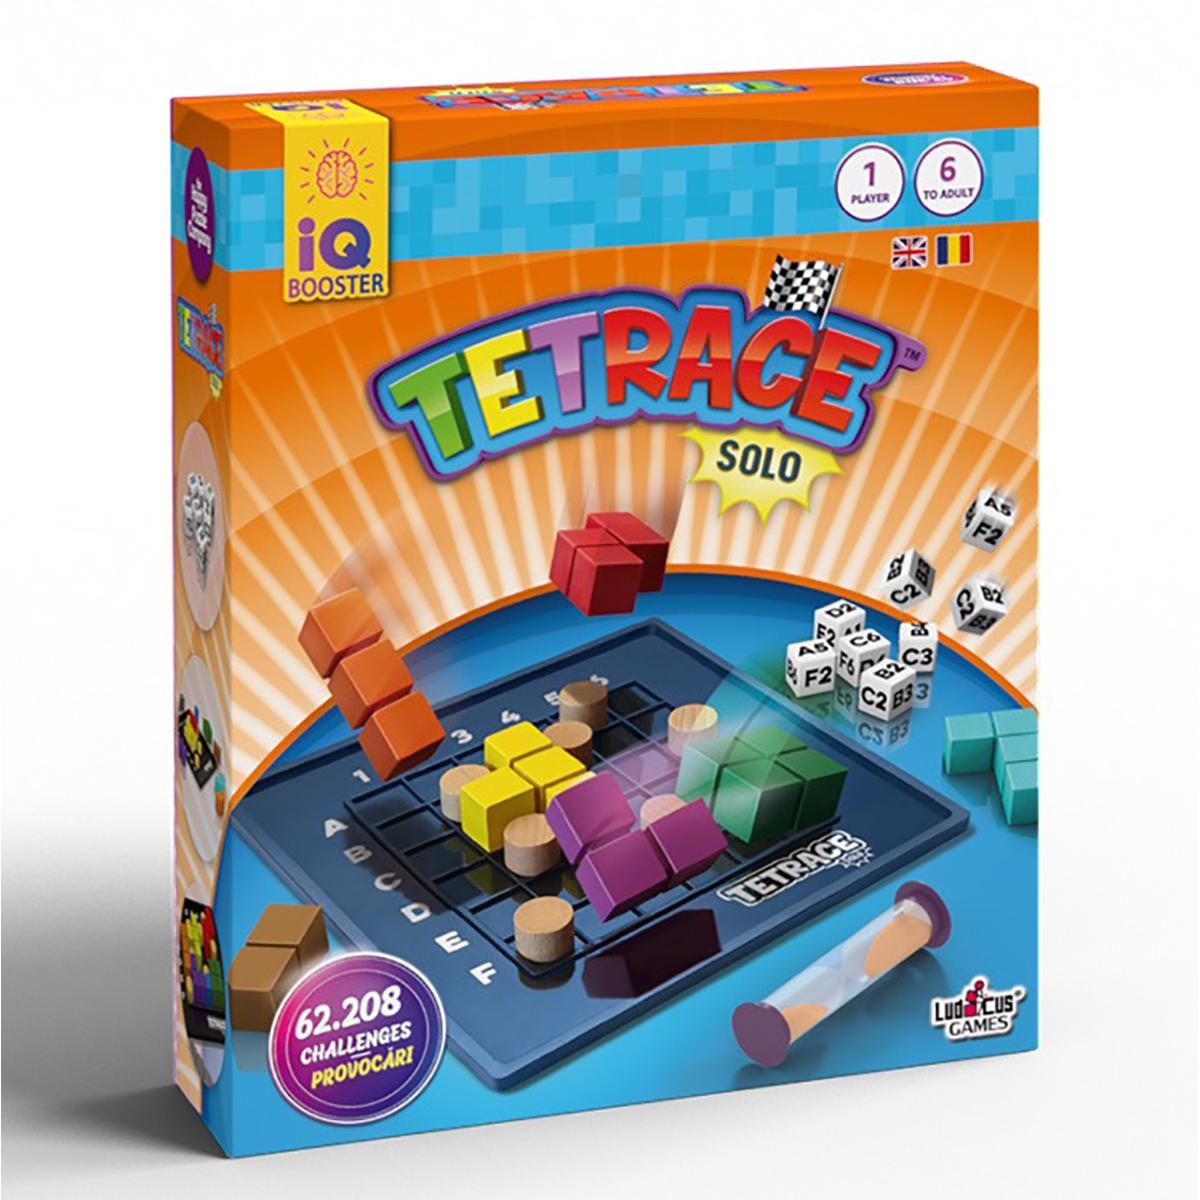 Joc educativ IQ Booster - Tetrace Solo